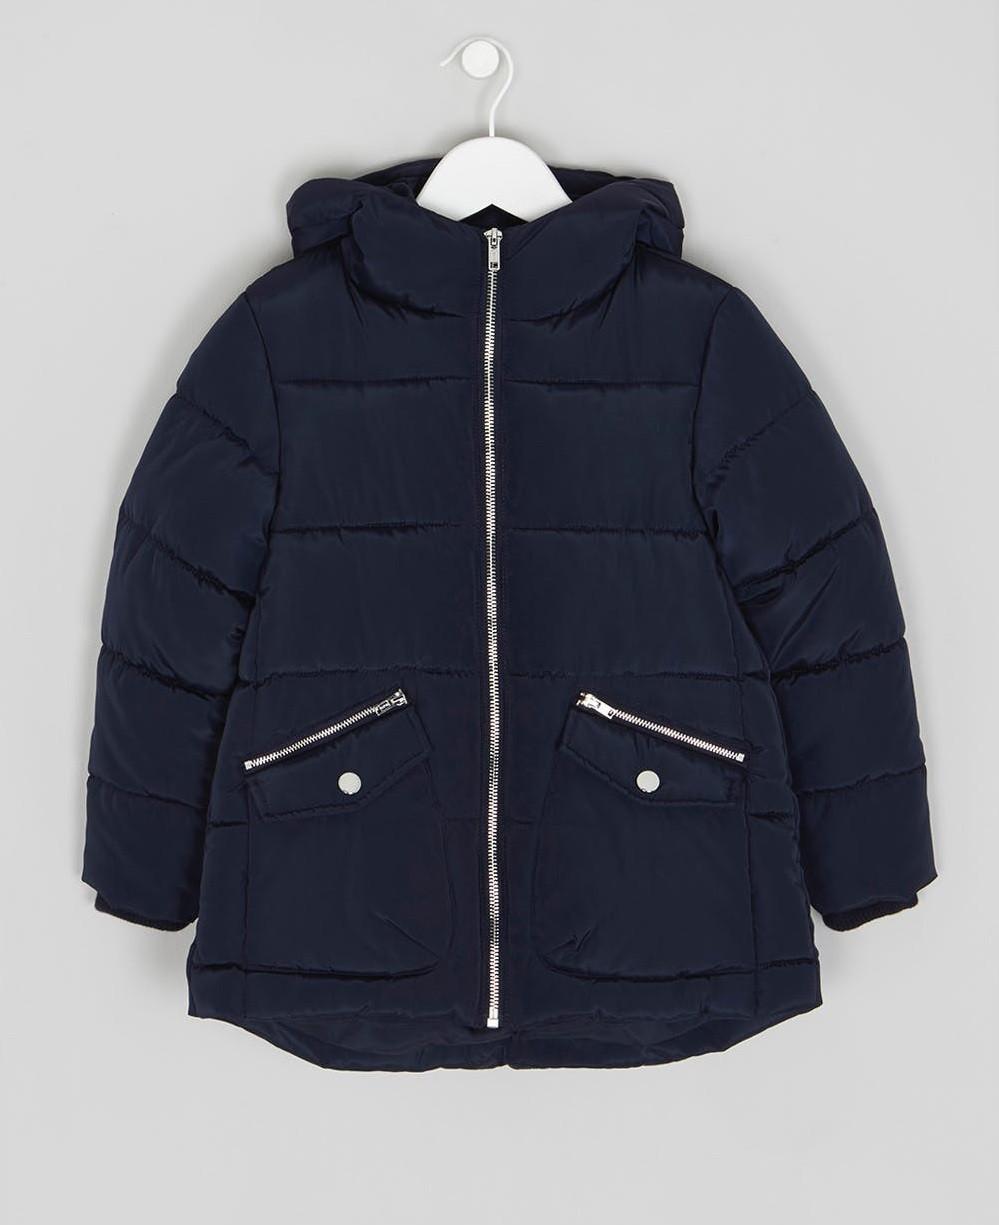 Демисезонная куртка для девочки синяя Matalan Англия Размер 110, 116, 128, 134